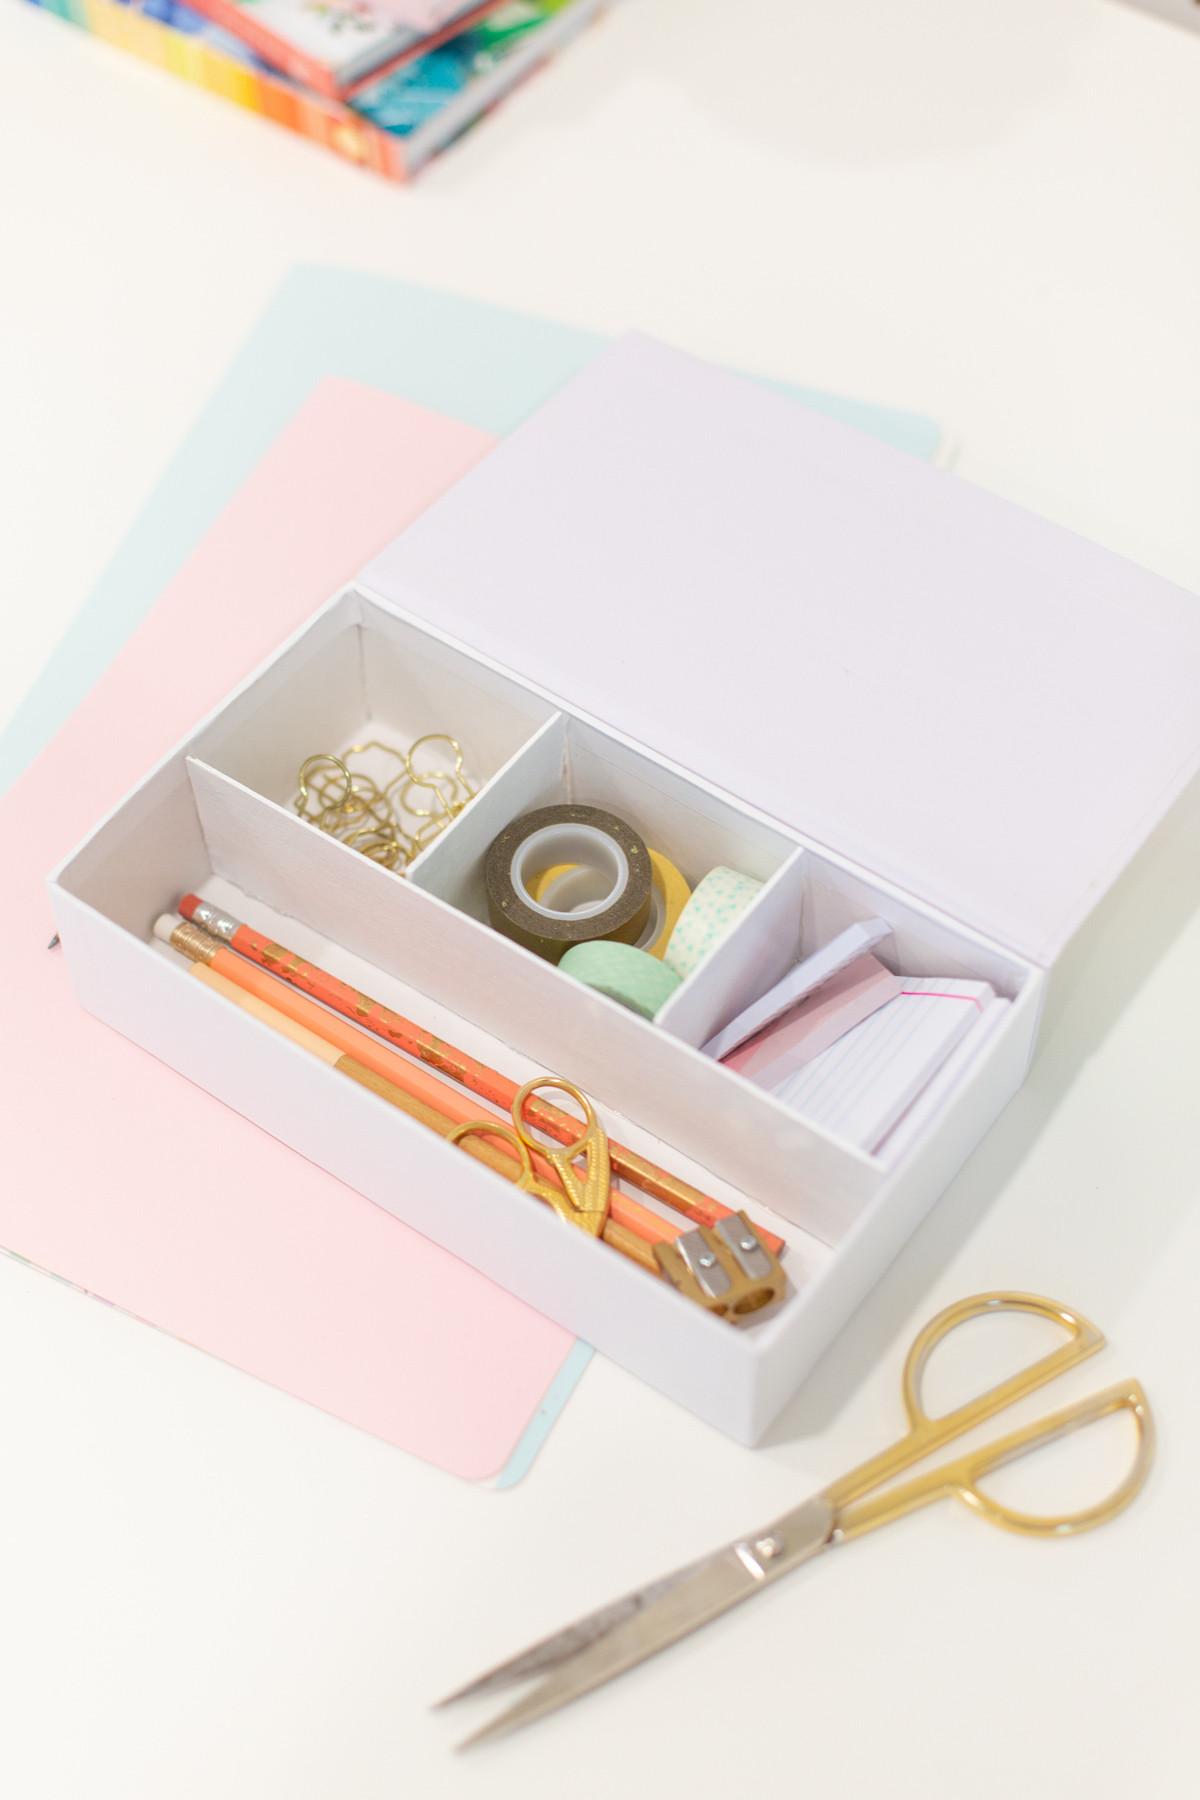 DIY Pencil Box  Upgrade a Simple Pencil Box With This DIY Hack